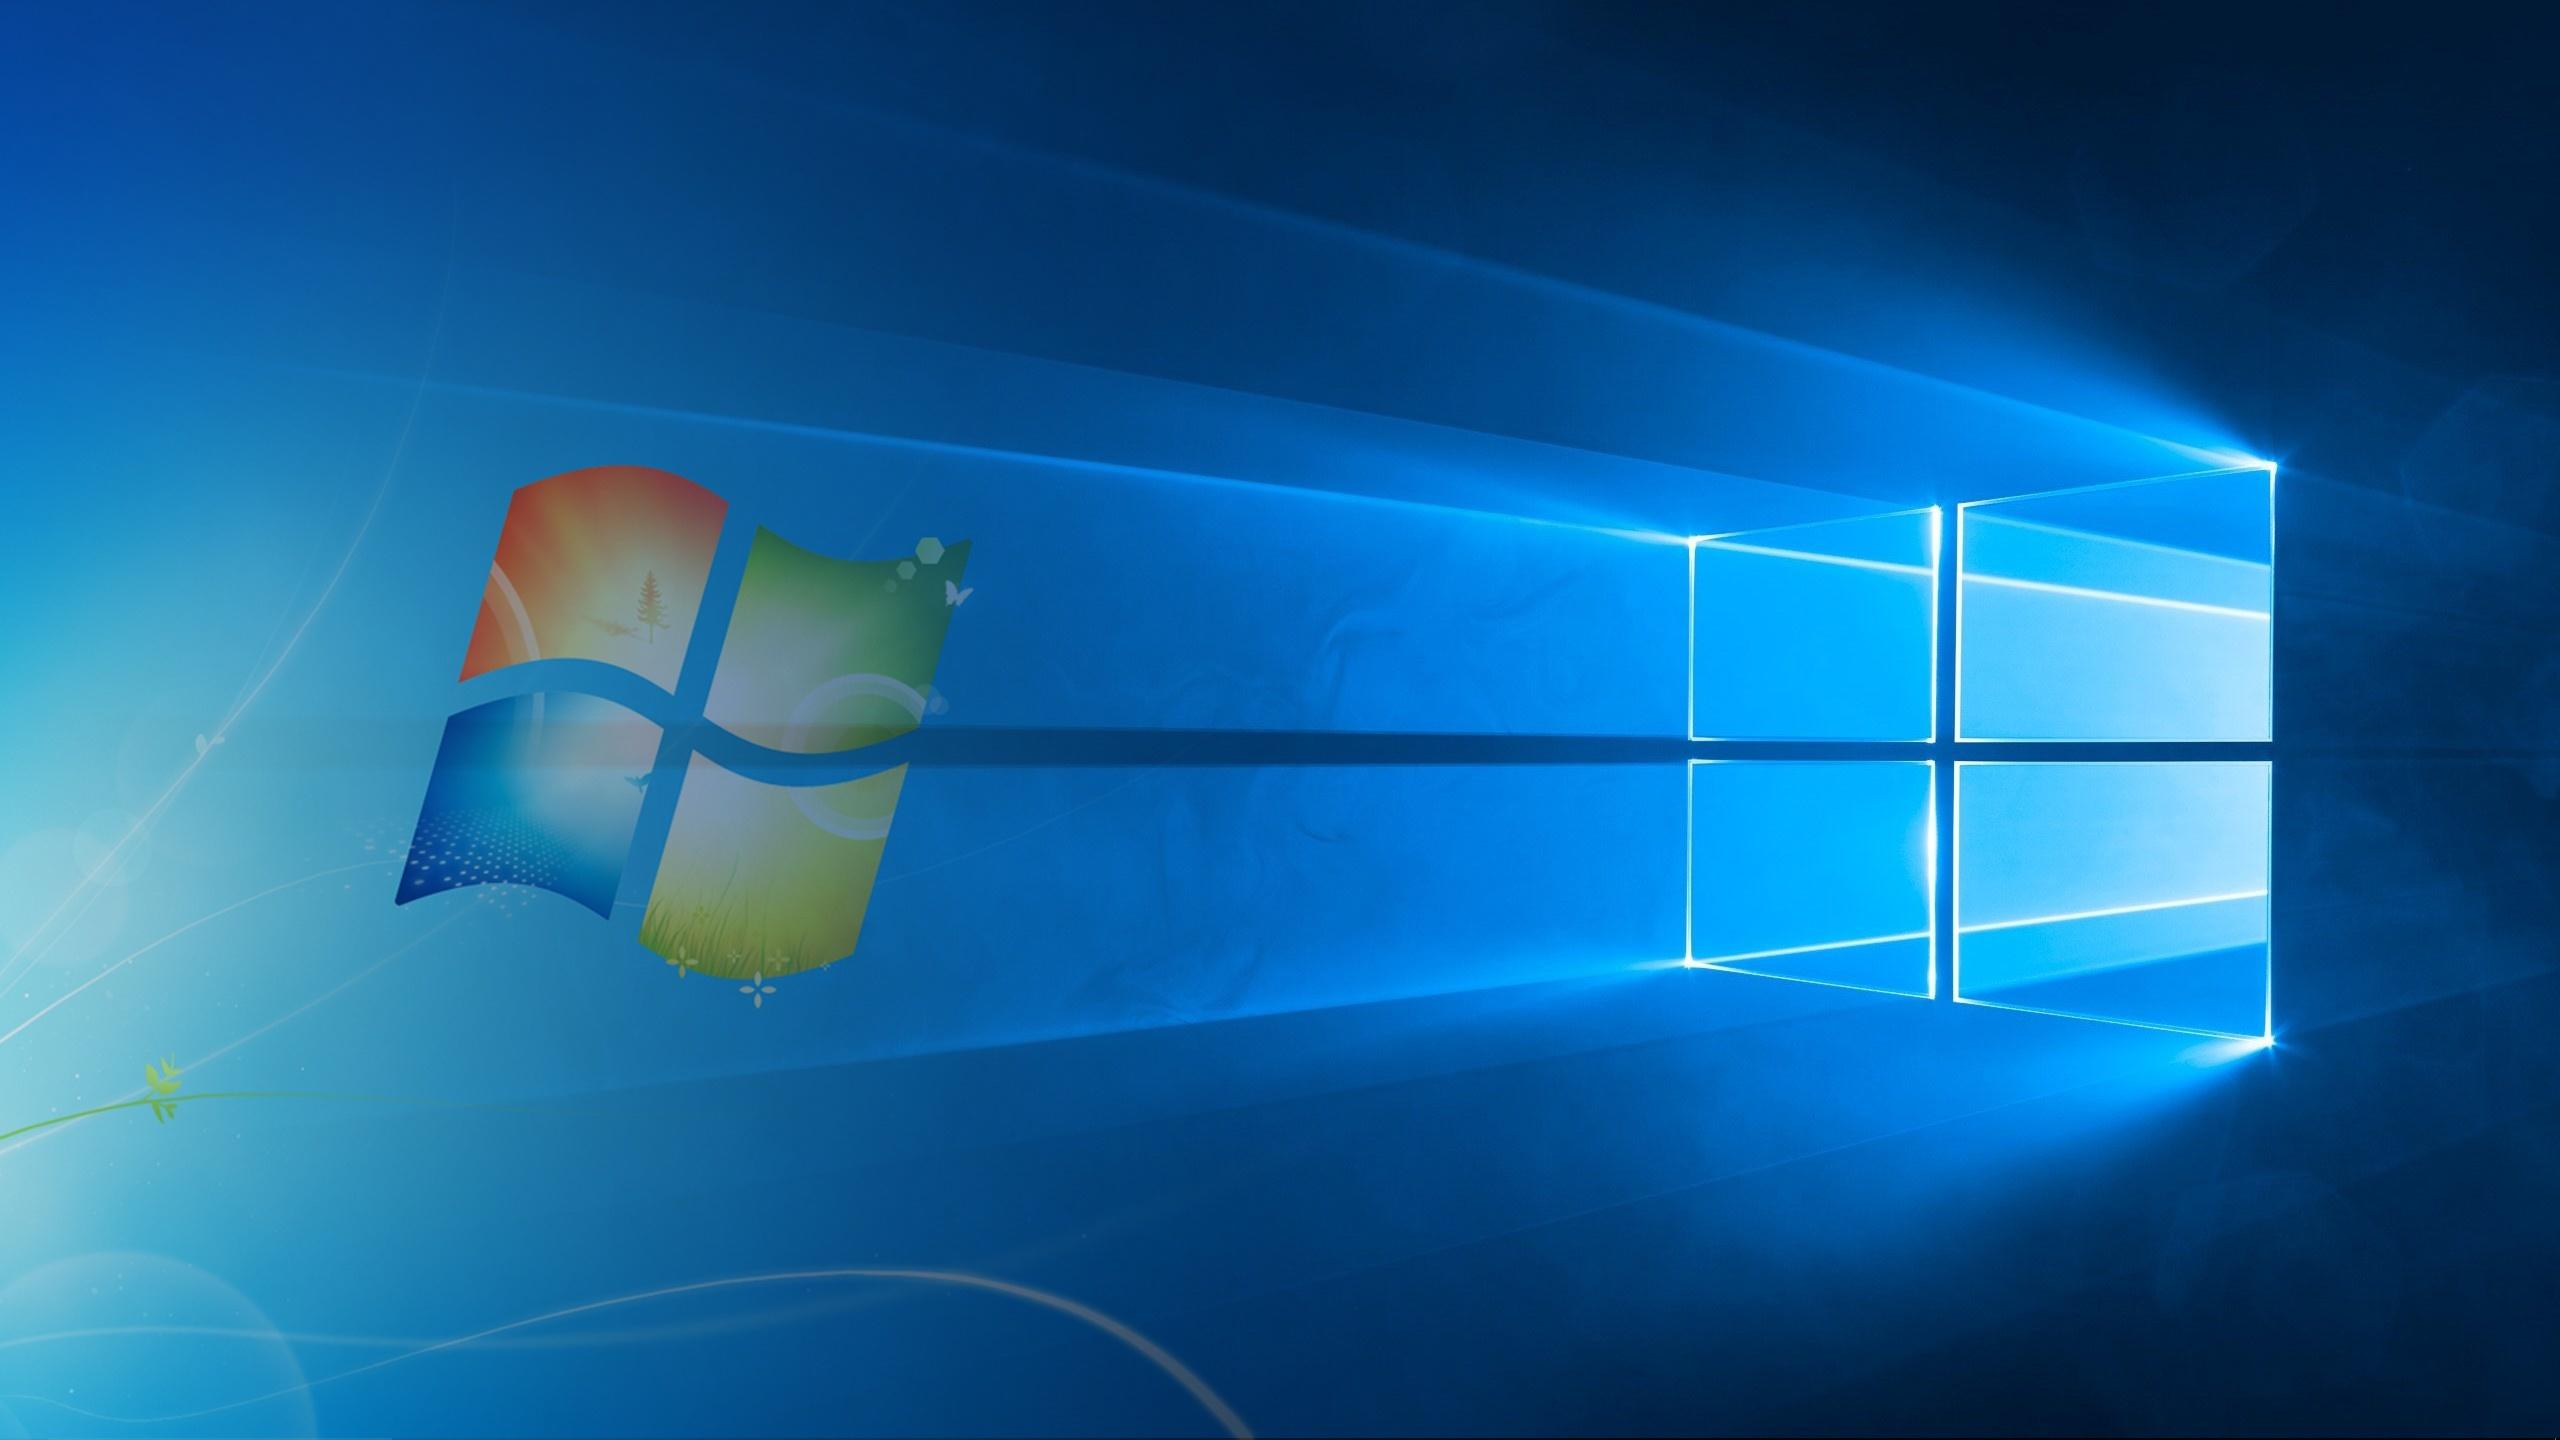 Letzte Chance jetzt nutzen: Microsoft schließt Schlupfloch für kostenloses Windows 10